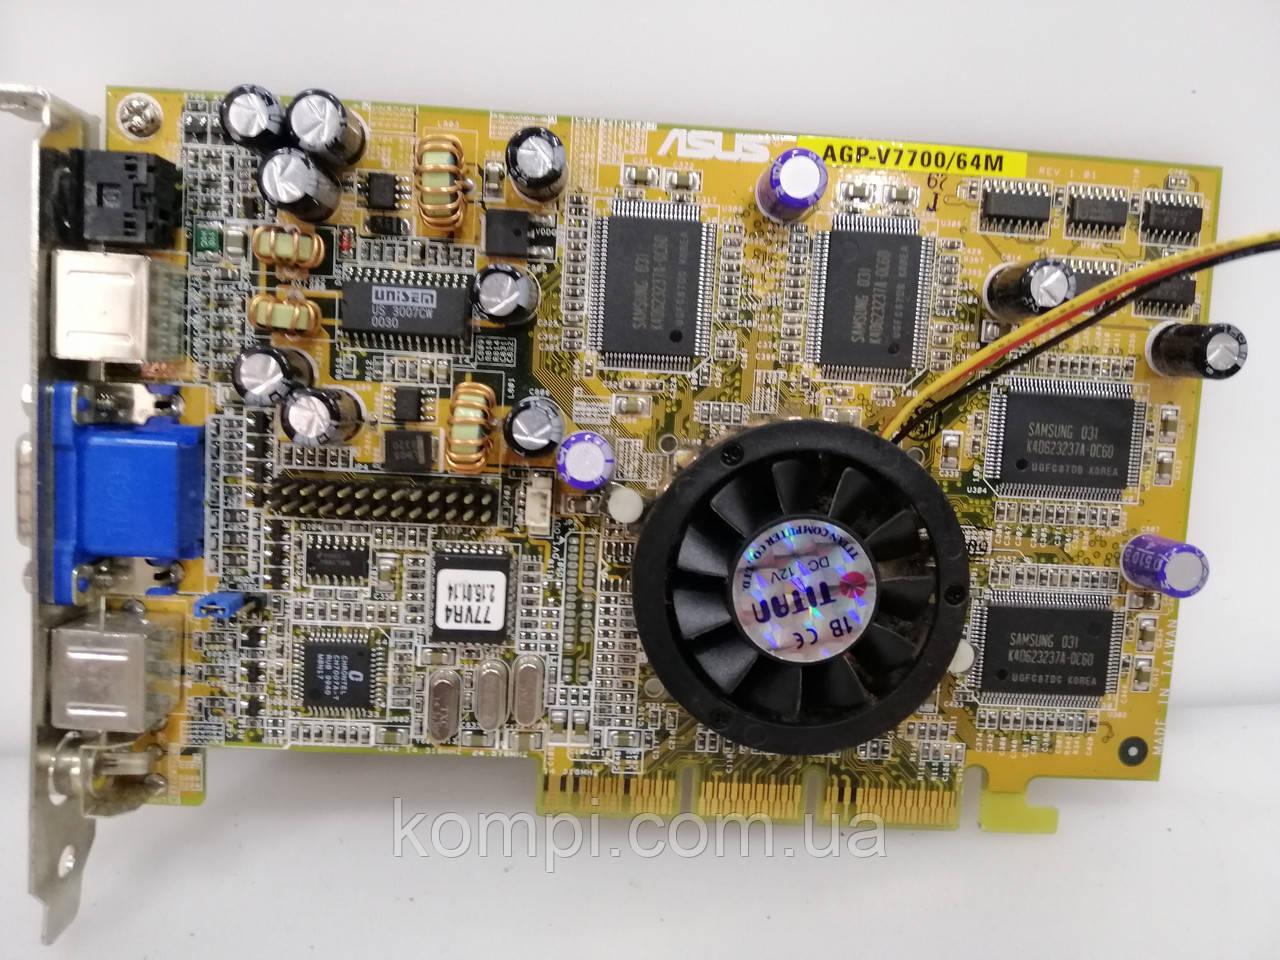 Видеокарта NVIDIA GeForce2 GTS(ASUS V7700)  32Mb  AGP